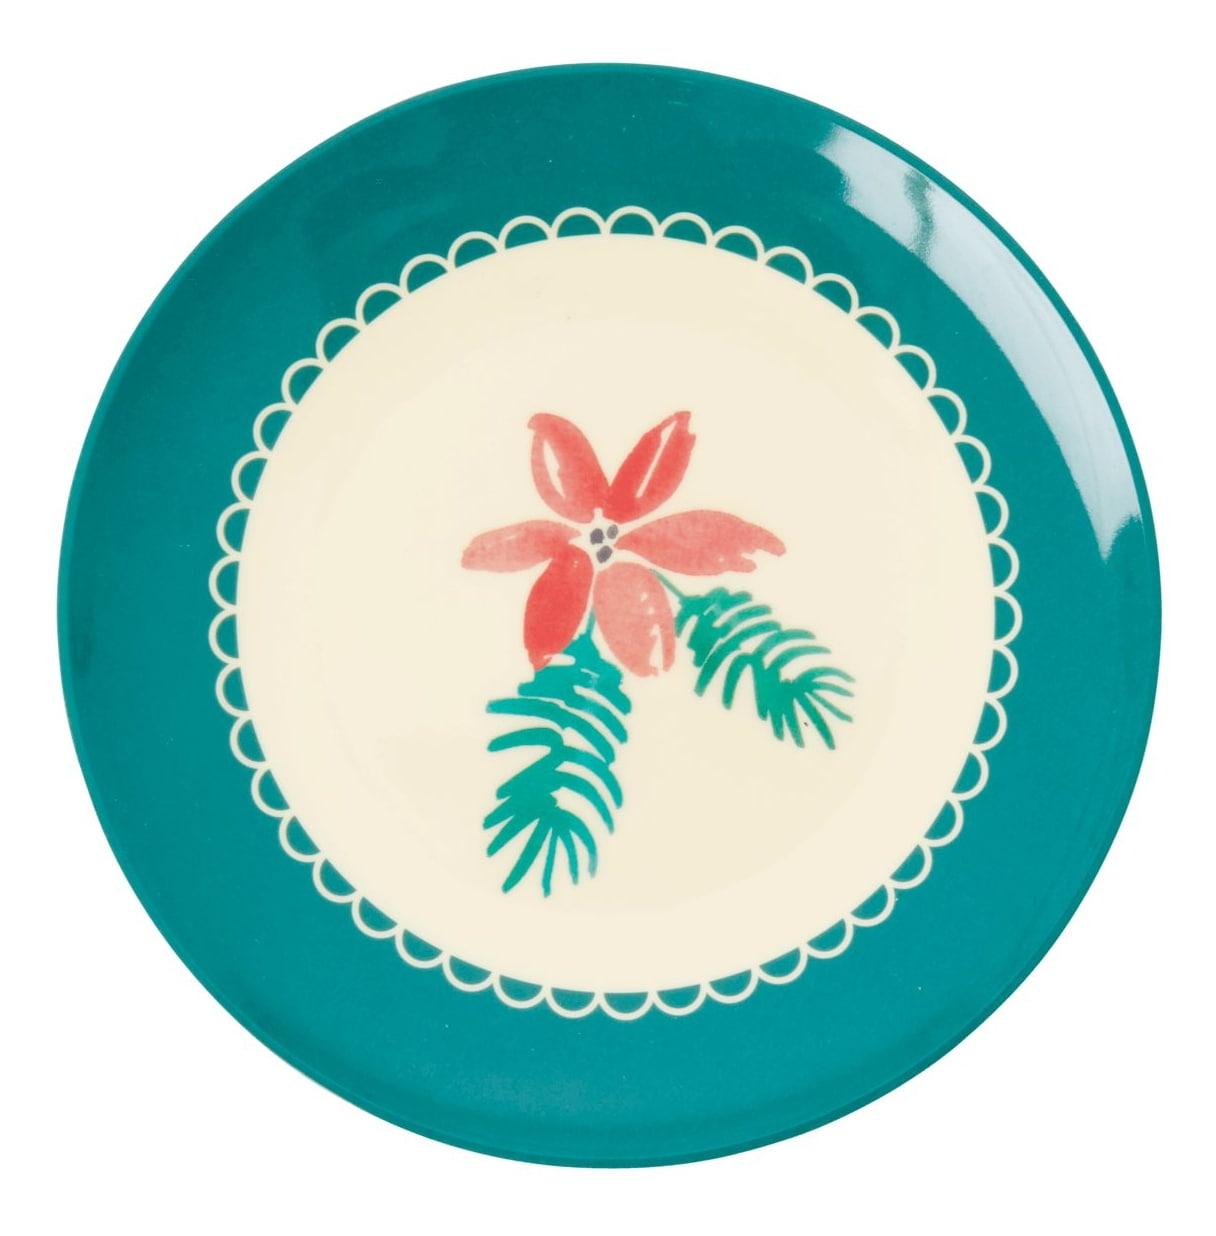 rice Melaminový talířek Poinsettia 16 cm, zelená barva, krémová barva, melamin